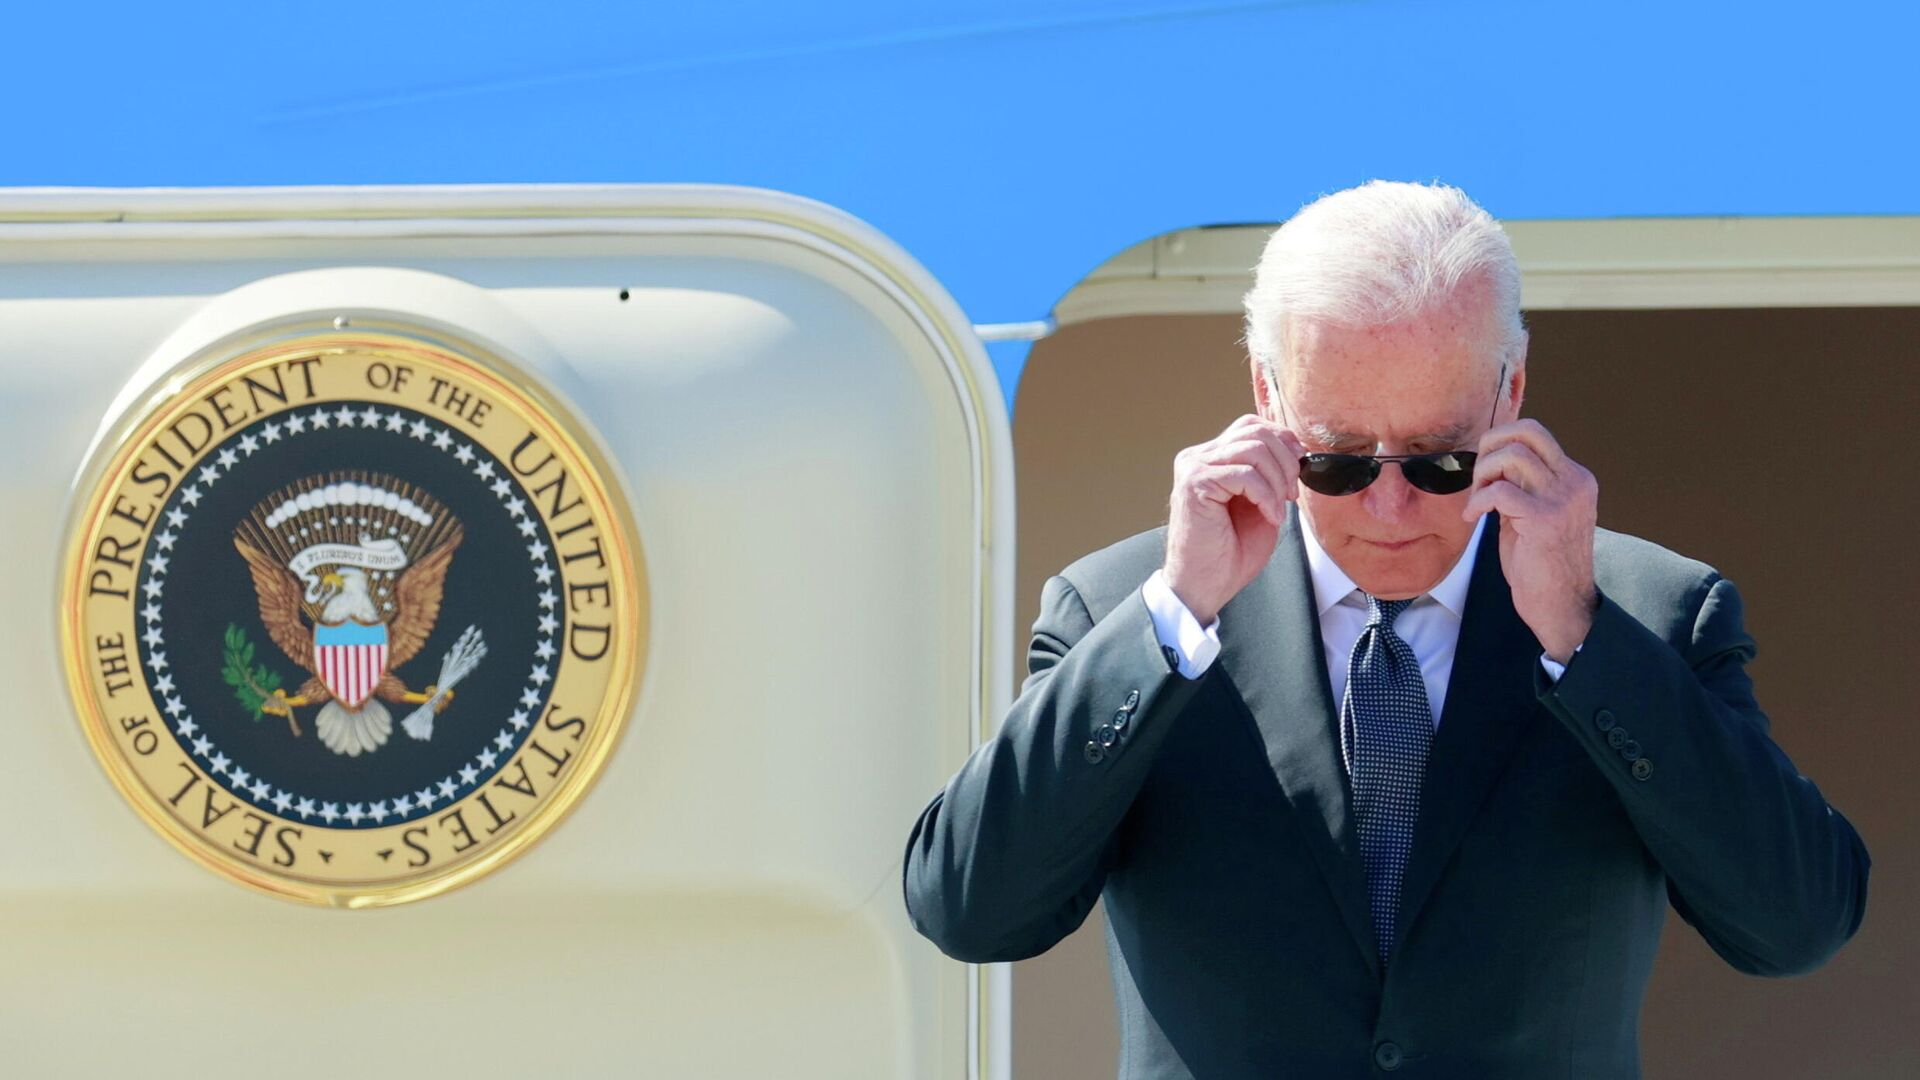 Президент США Джо Байден во время прибытия в Женеву перед встречей с президентом России Владимиром Путиным - РИА Новости, 1920, 16.06.2021